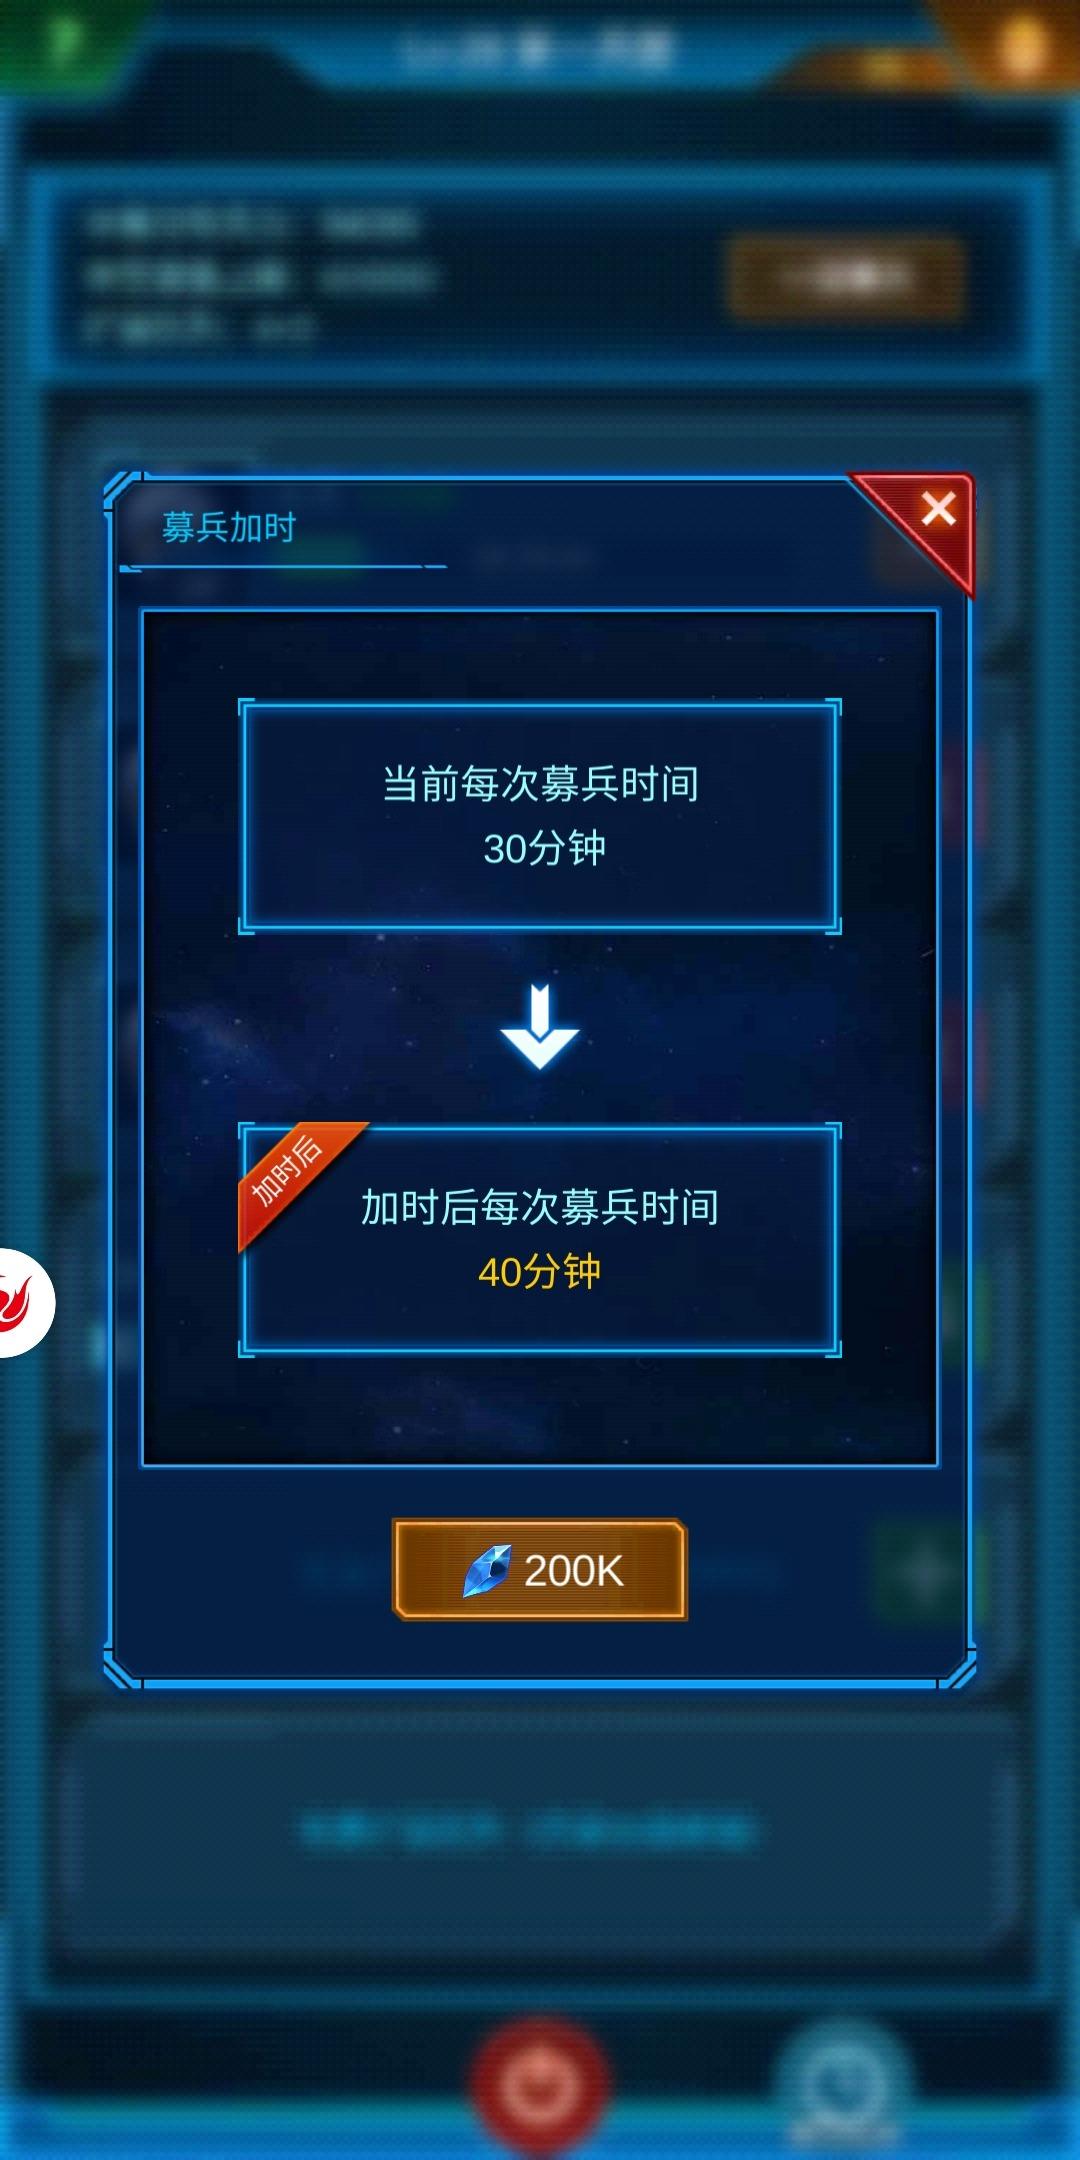 Screenshot_20200524_210132_com.yhzj.jedi.yueqiu.jpg